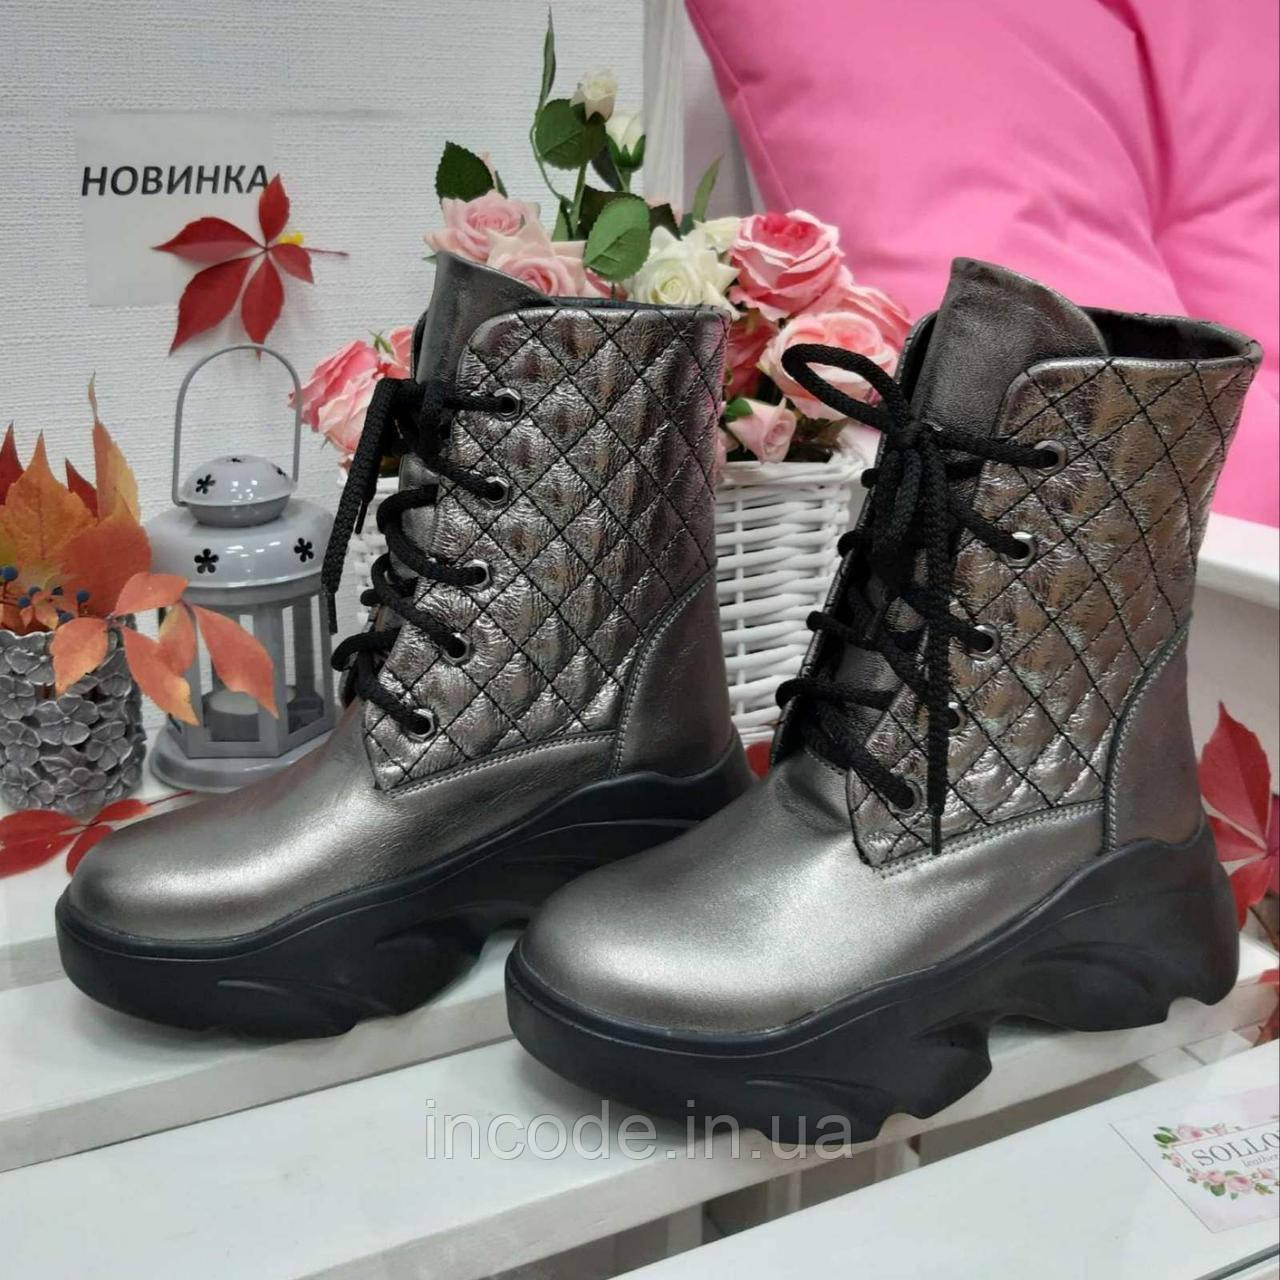 Ботинки зимние графит Сosmos 7203-28